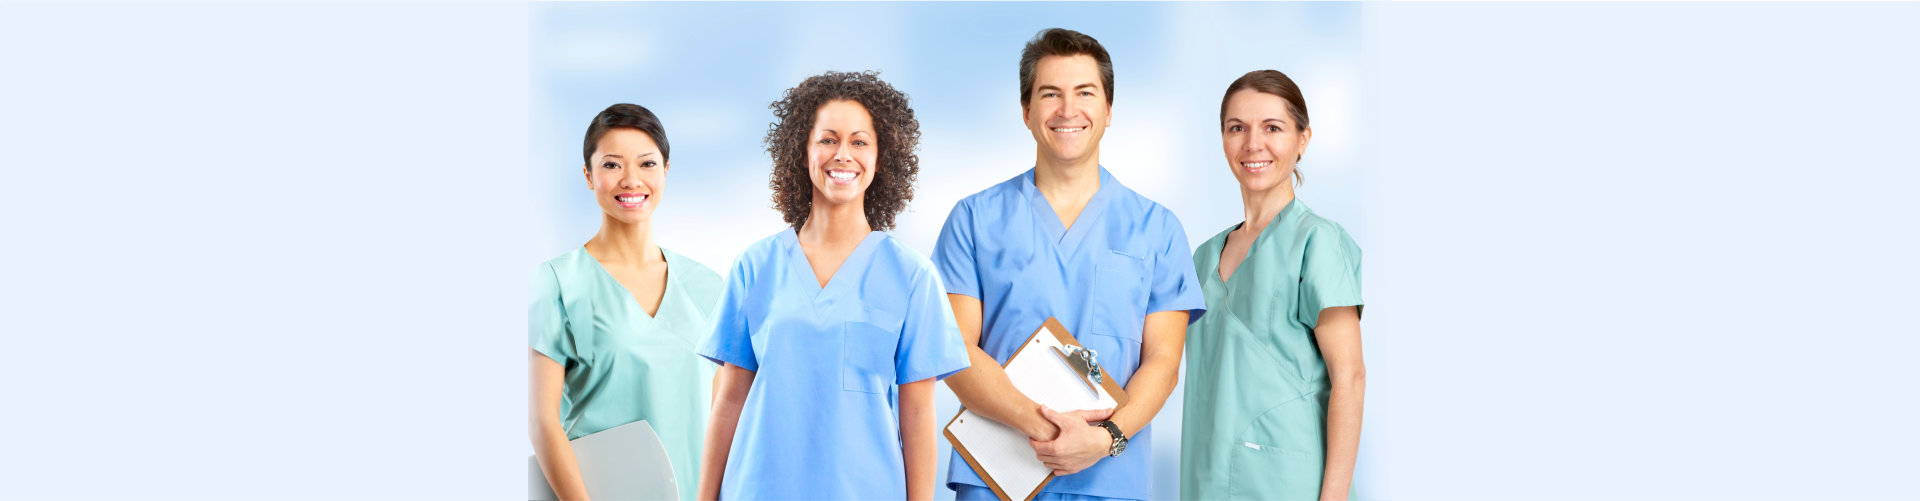 Hospital Staff Standing Outside A Hospital.